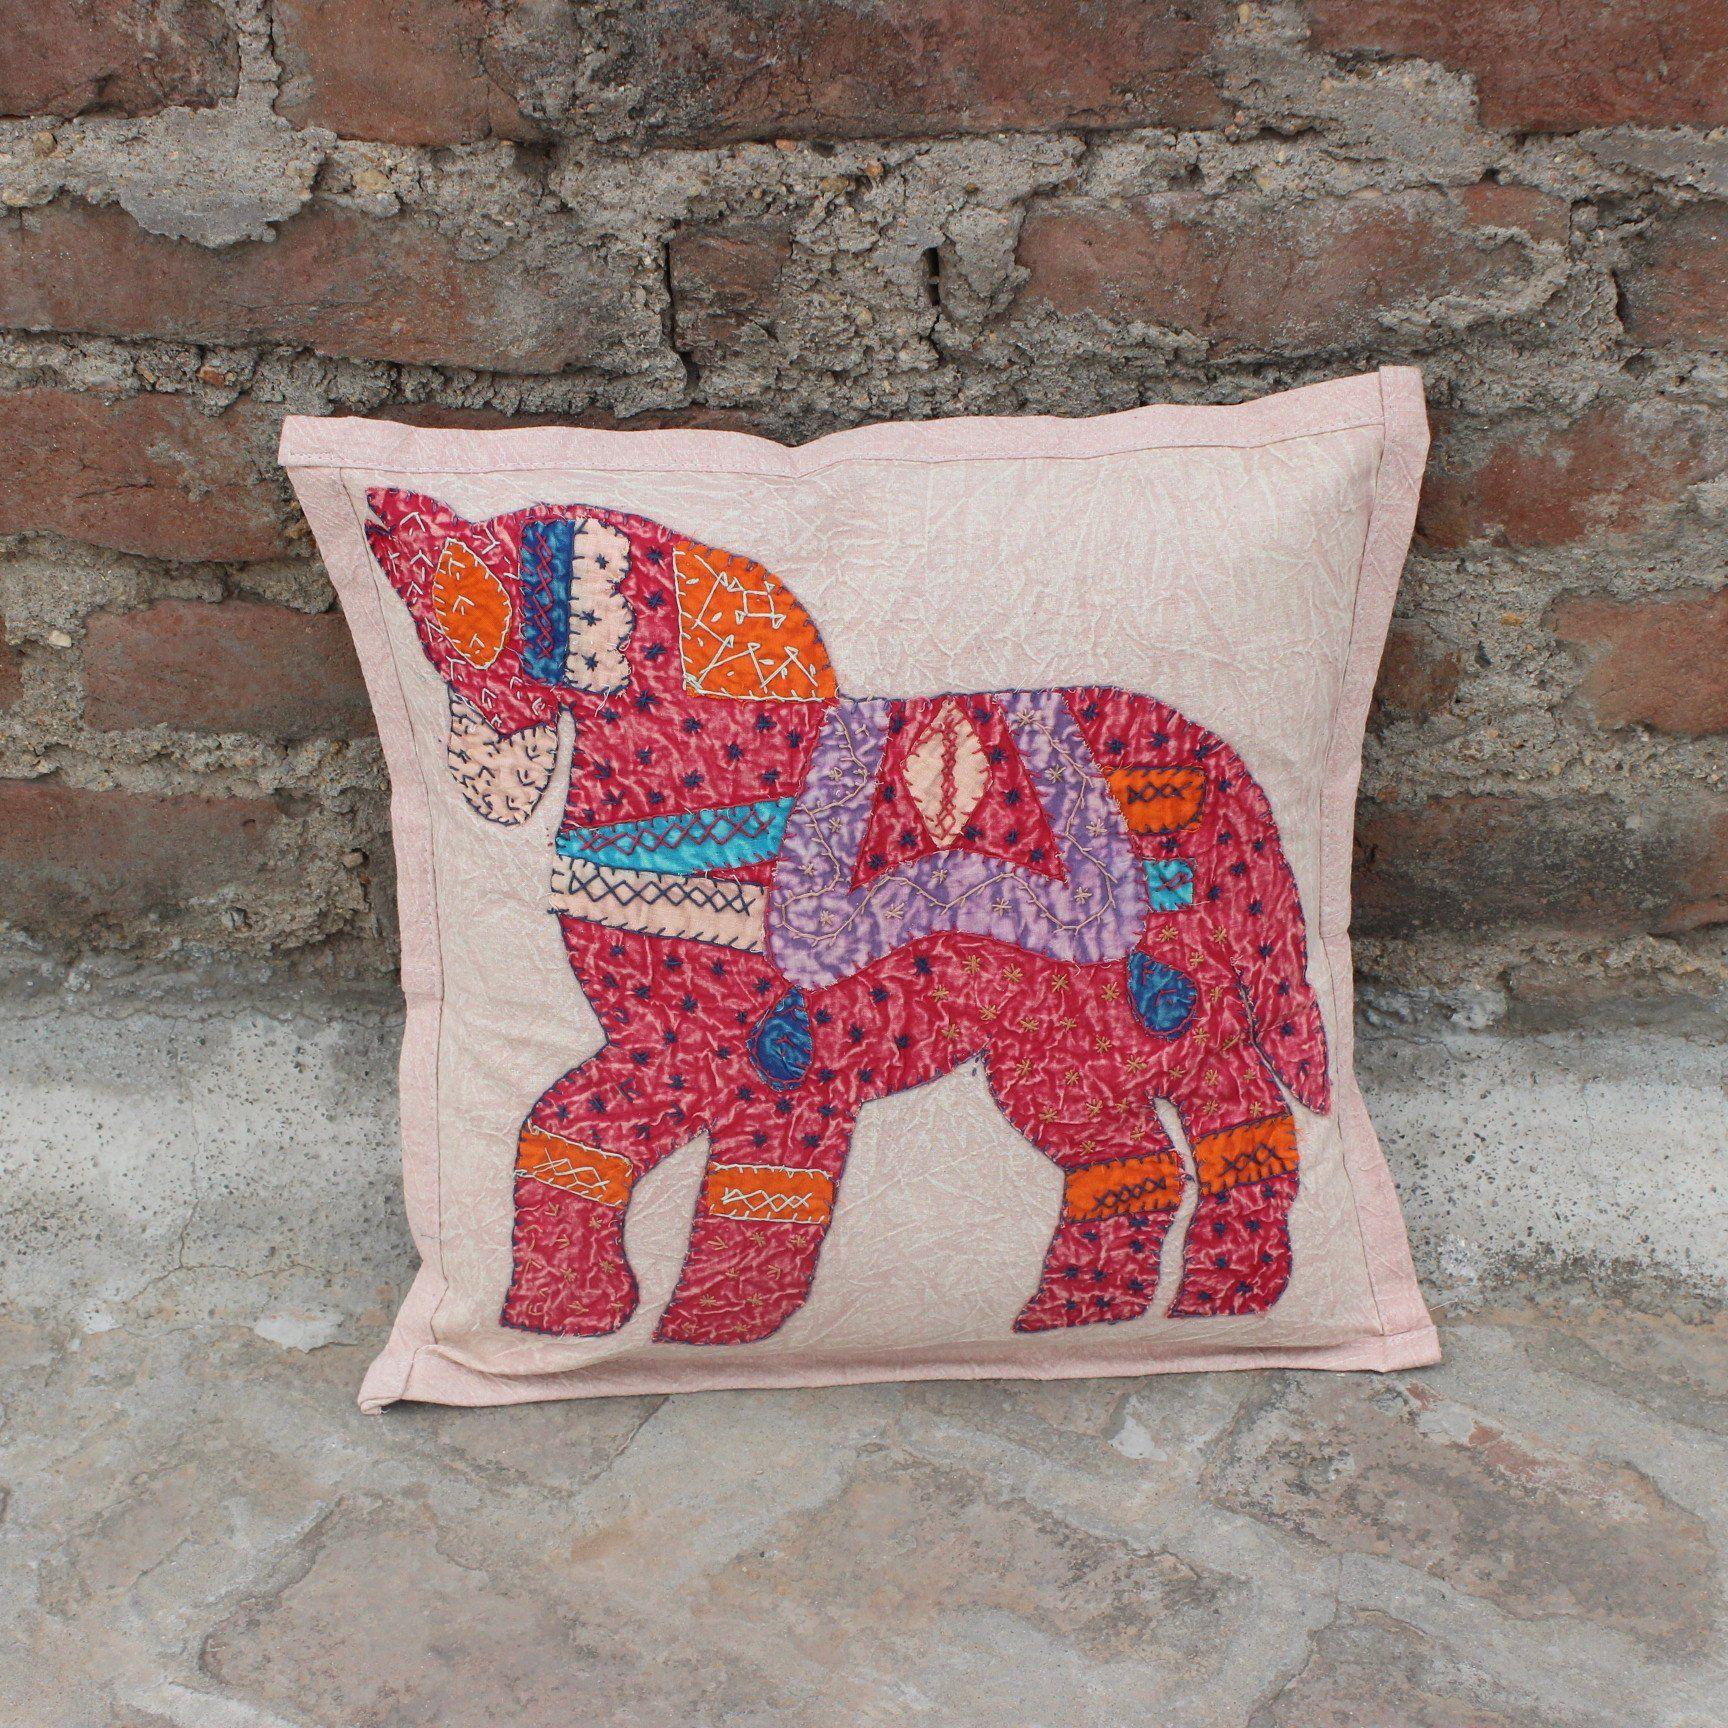 decorative boho accent unique pretty patchwork 16x16.htm 16x16 horse boho pillow indian cushion cover patchwork throw  horse boho pillow indian cushion cover